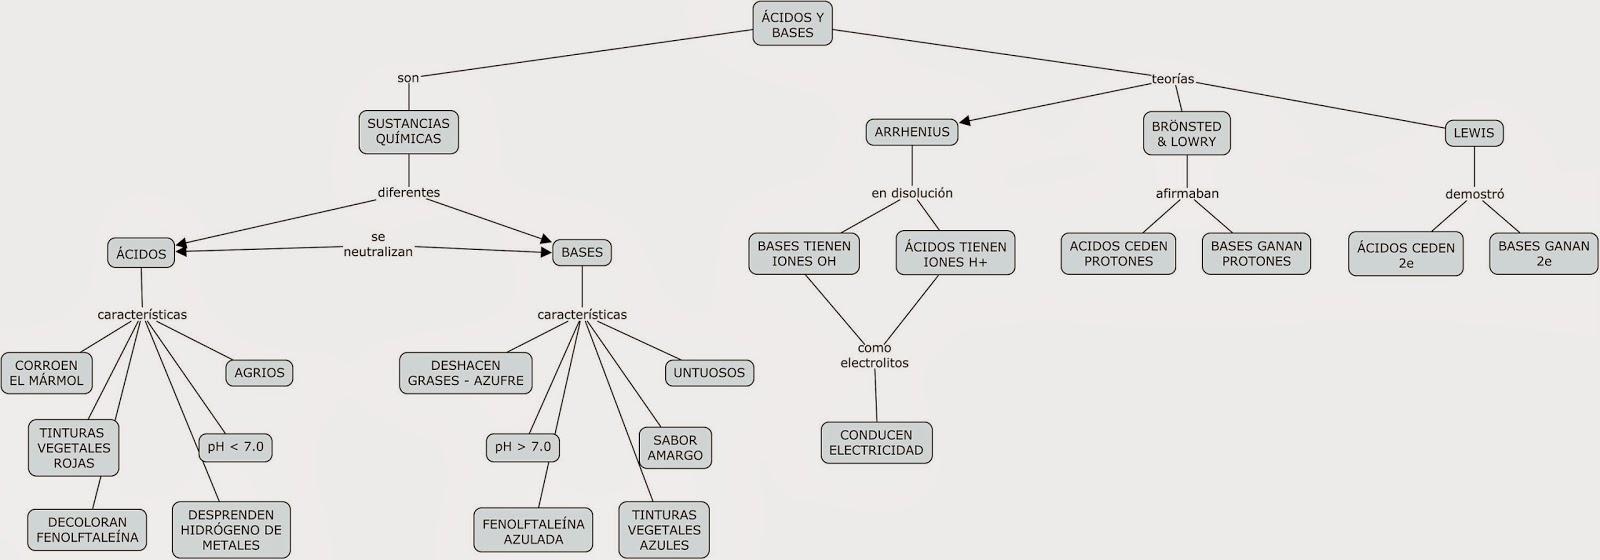 un mapa conceptual sobre ácidos y bases ciencias 3 con énfasis